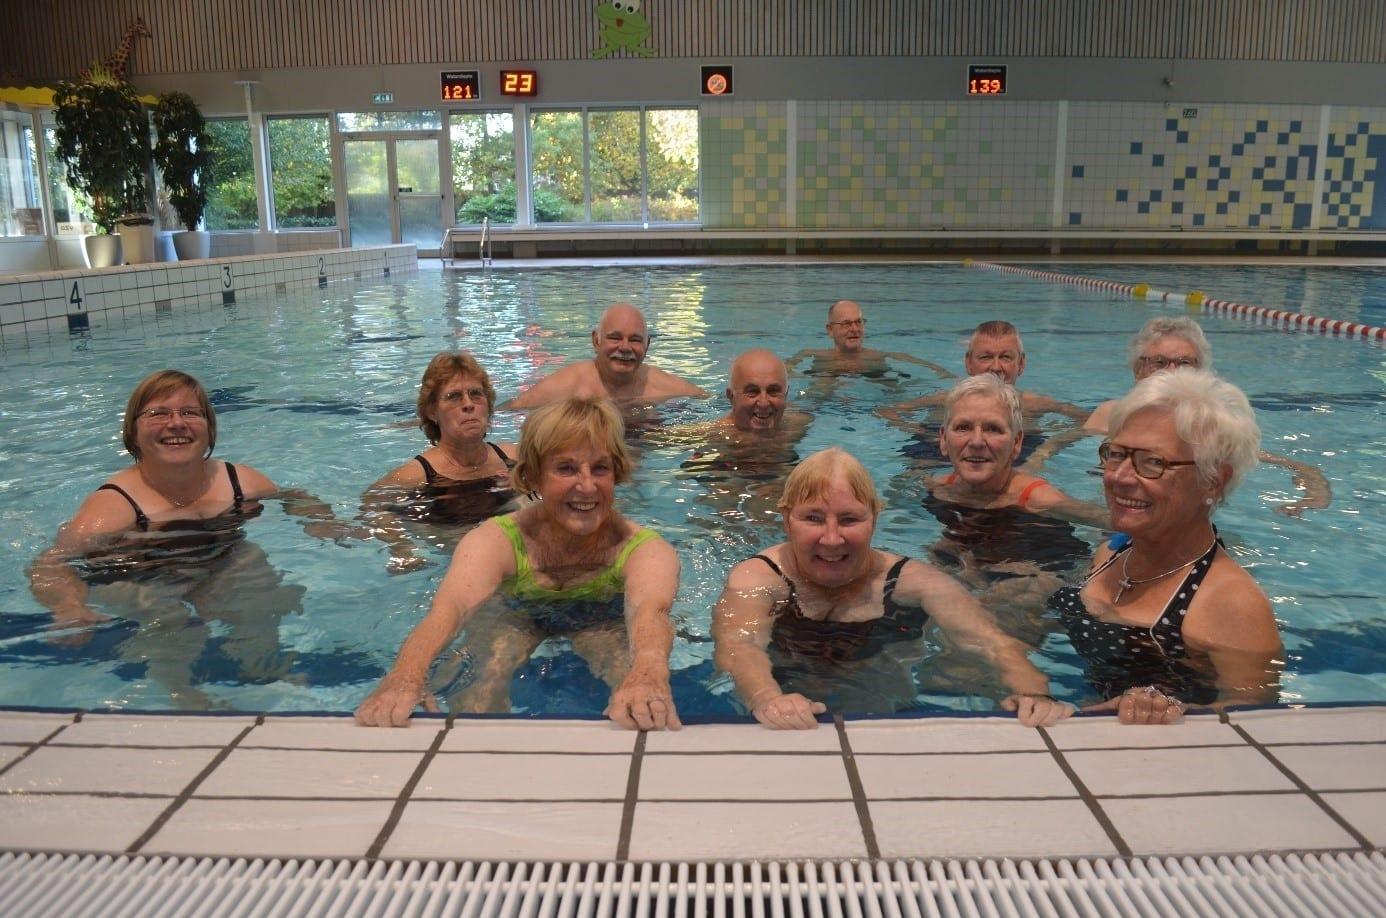 Speciale zwemles voor deelnemers die een CVA hebben gehad of ander niet aangeboren hersenletsel. Zwemmers krijgen waar nodig hulp van vrijwilligers. Van 18.30 – 20.00 uur in zwembad de Kolk.